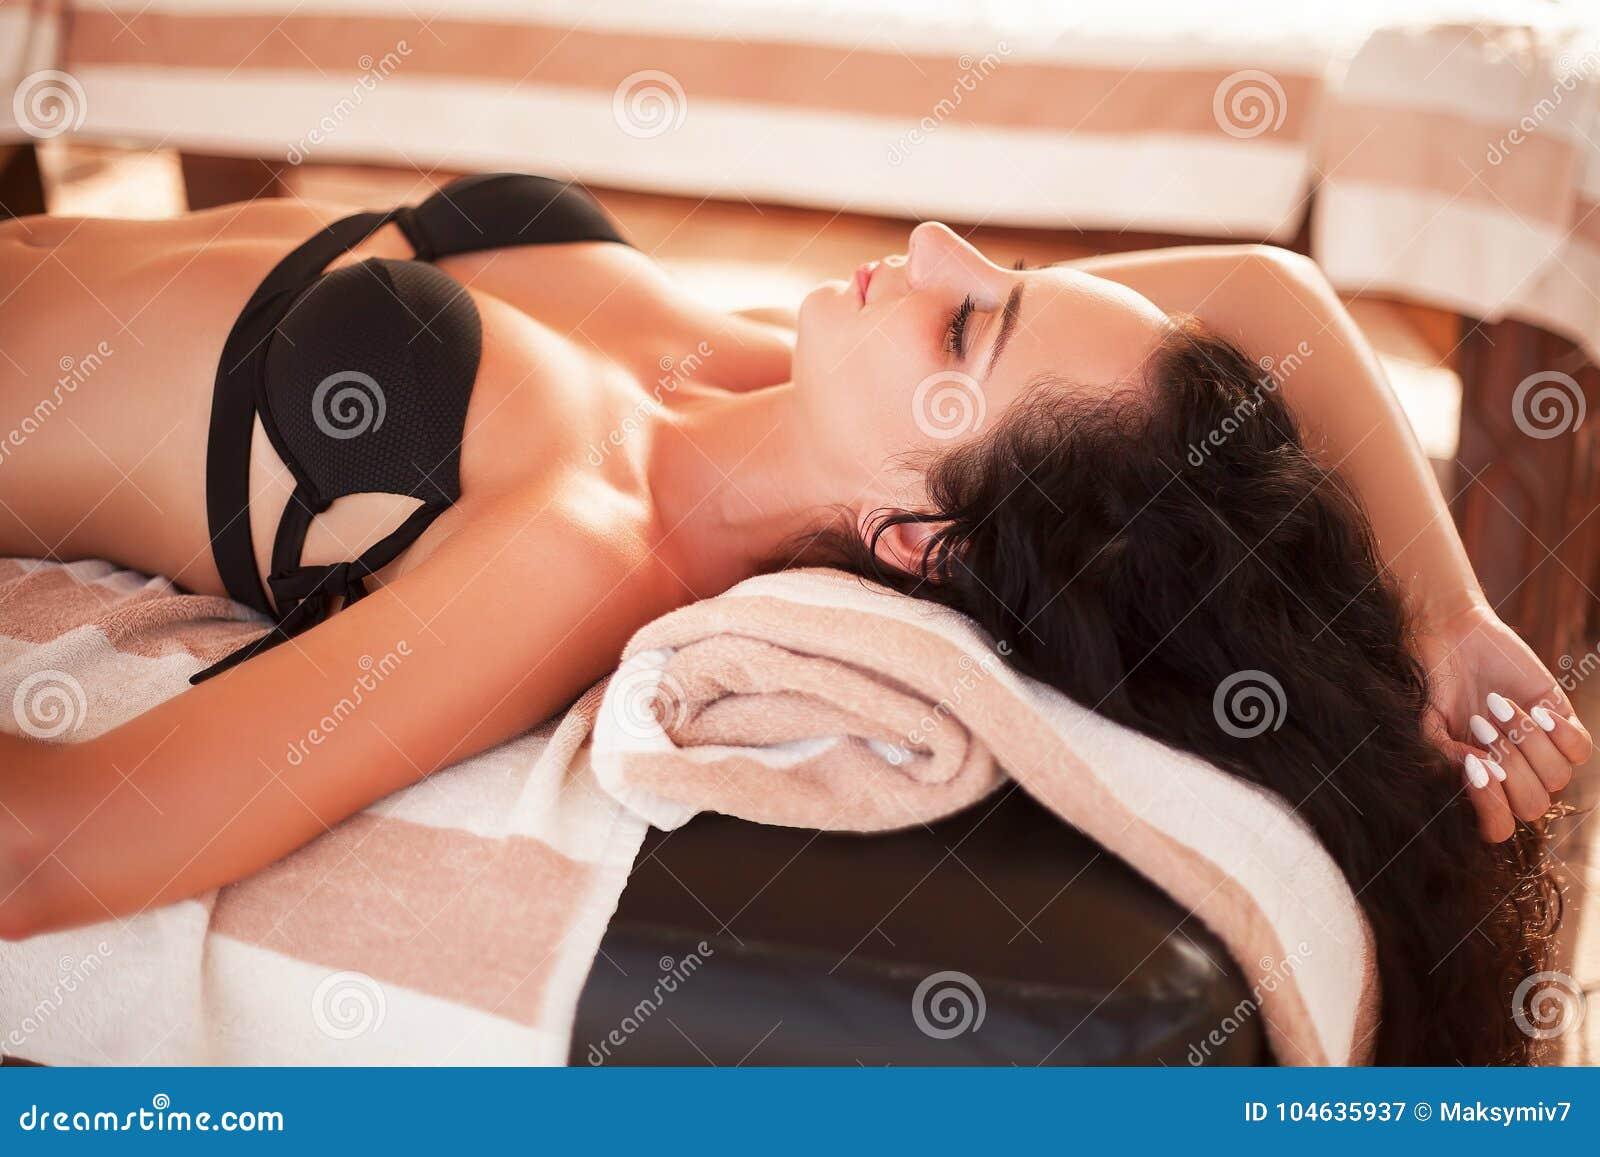 Download Kuuroord En Massage De Mooie Vrouw Krijgt Gezicht En Achtermassage Op Su Stock Afbeelding - Afbeelding bestaande uit achtergrond, mensen: 104635937